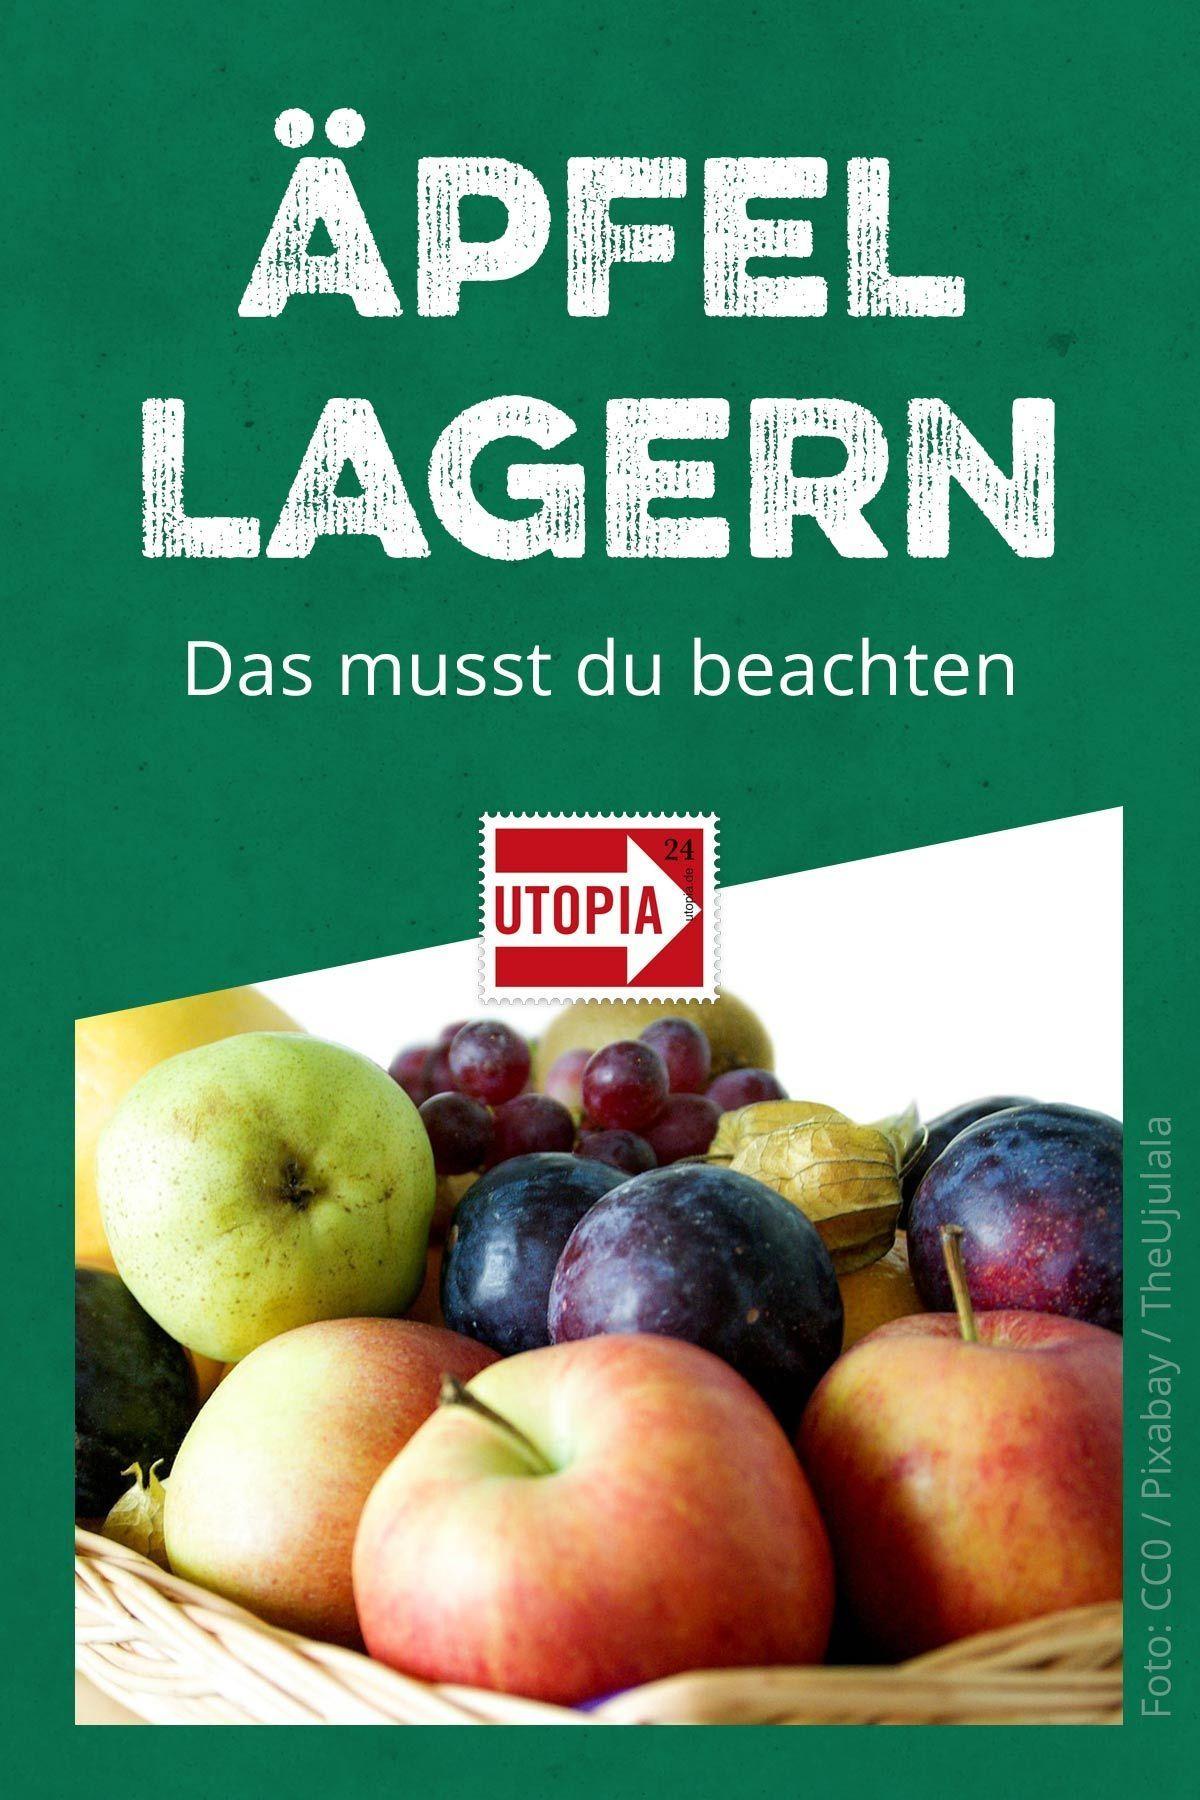 Äpfel richtig lagern: so bleiben sie länger frisch und schmackhaft #Äpfelverwerten Äpfel haltbar machen und richtig lagern: Um Lebensmittelverschwendung zu vermeiden, Geld zu sparen und einfach länger Freude an der gesunden Frucht zu haben, solltest du also ein paar Tipps zur Lagerung beachten. Utopia erklärt dir, wie Äpfel länger frisch und schmackhaft bleiben. #ÄpfelLagern #Äpfelverwerten